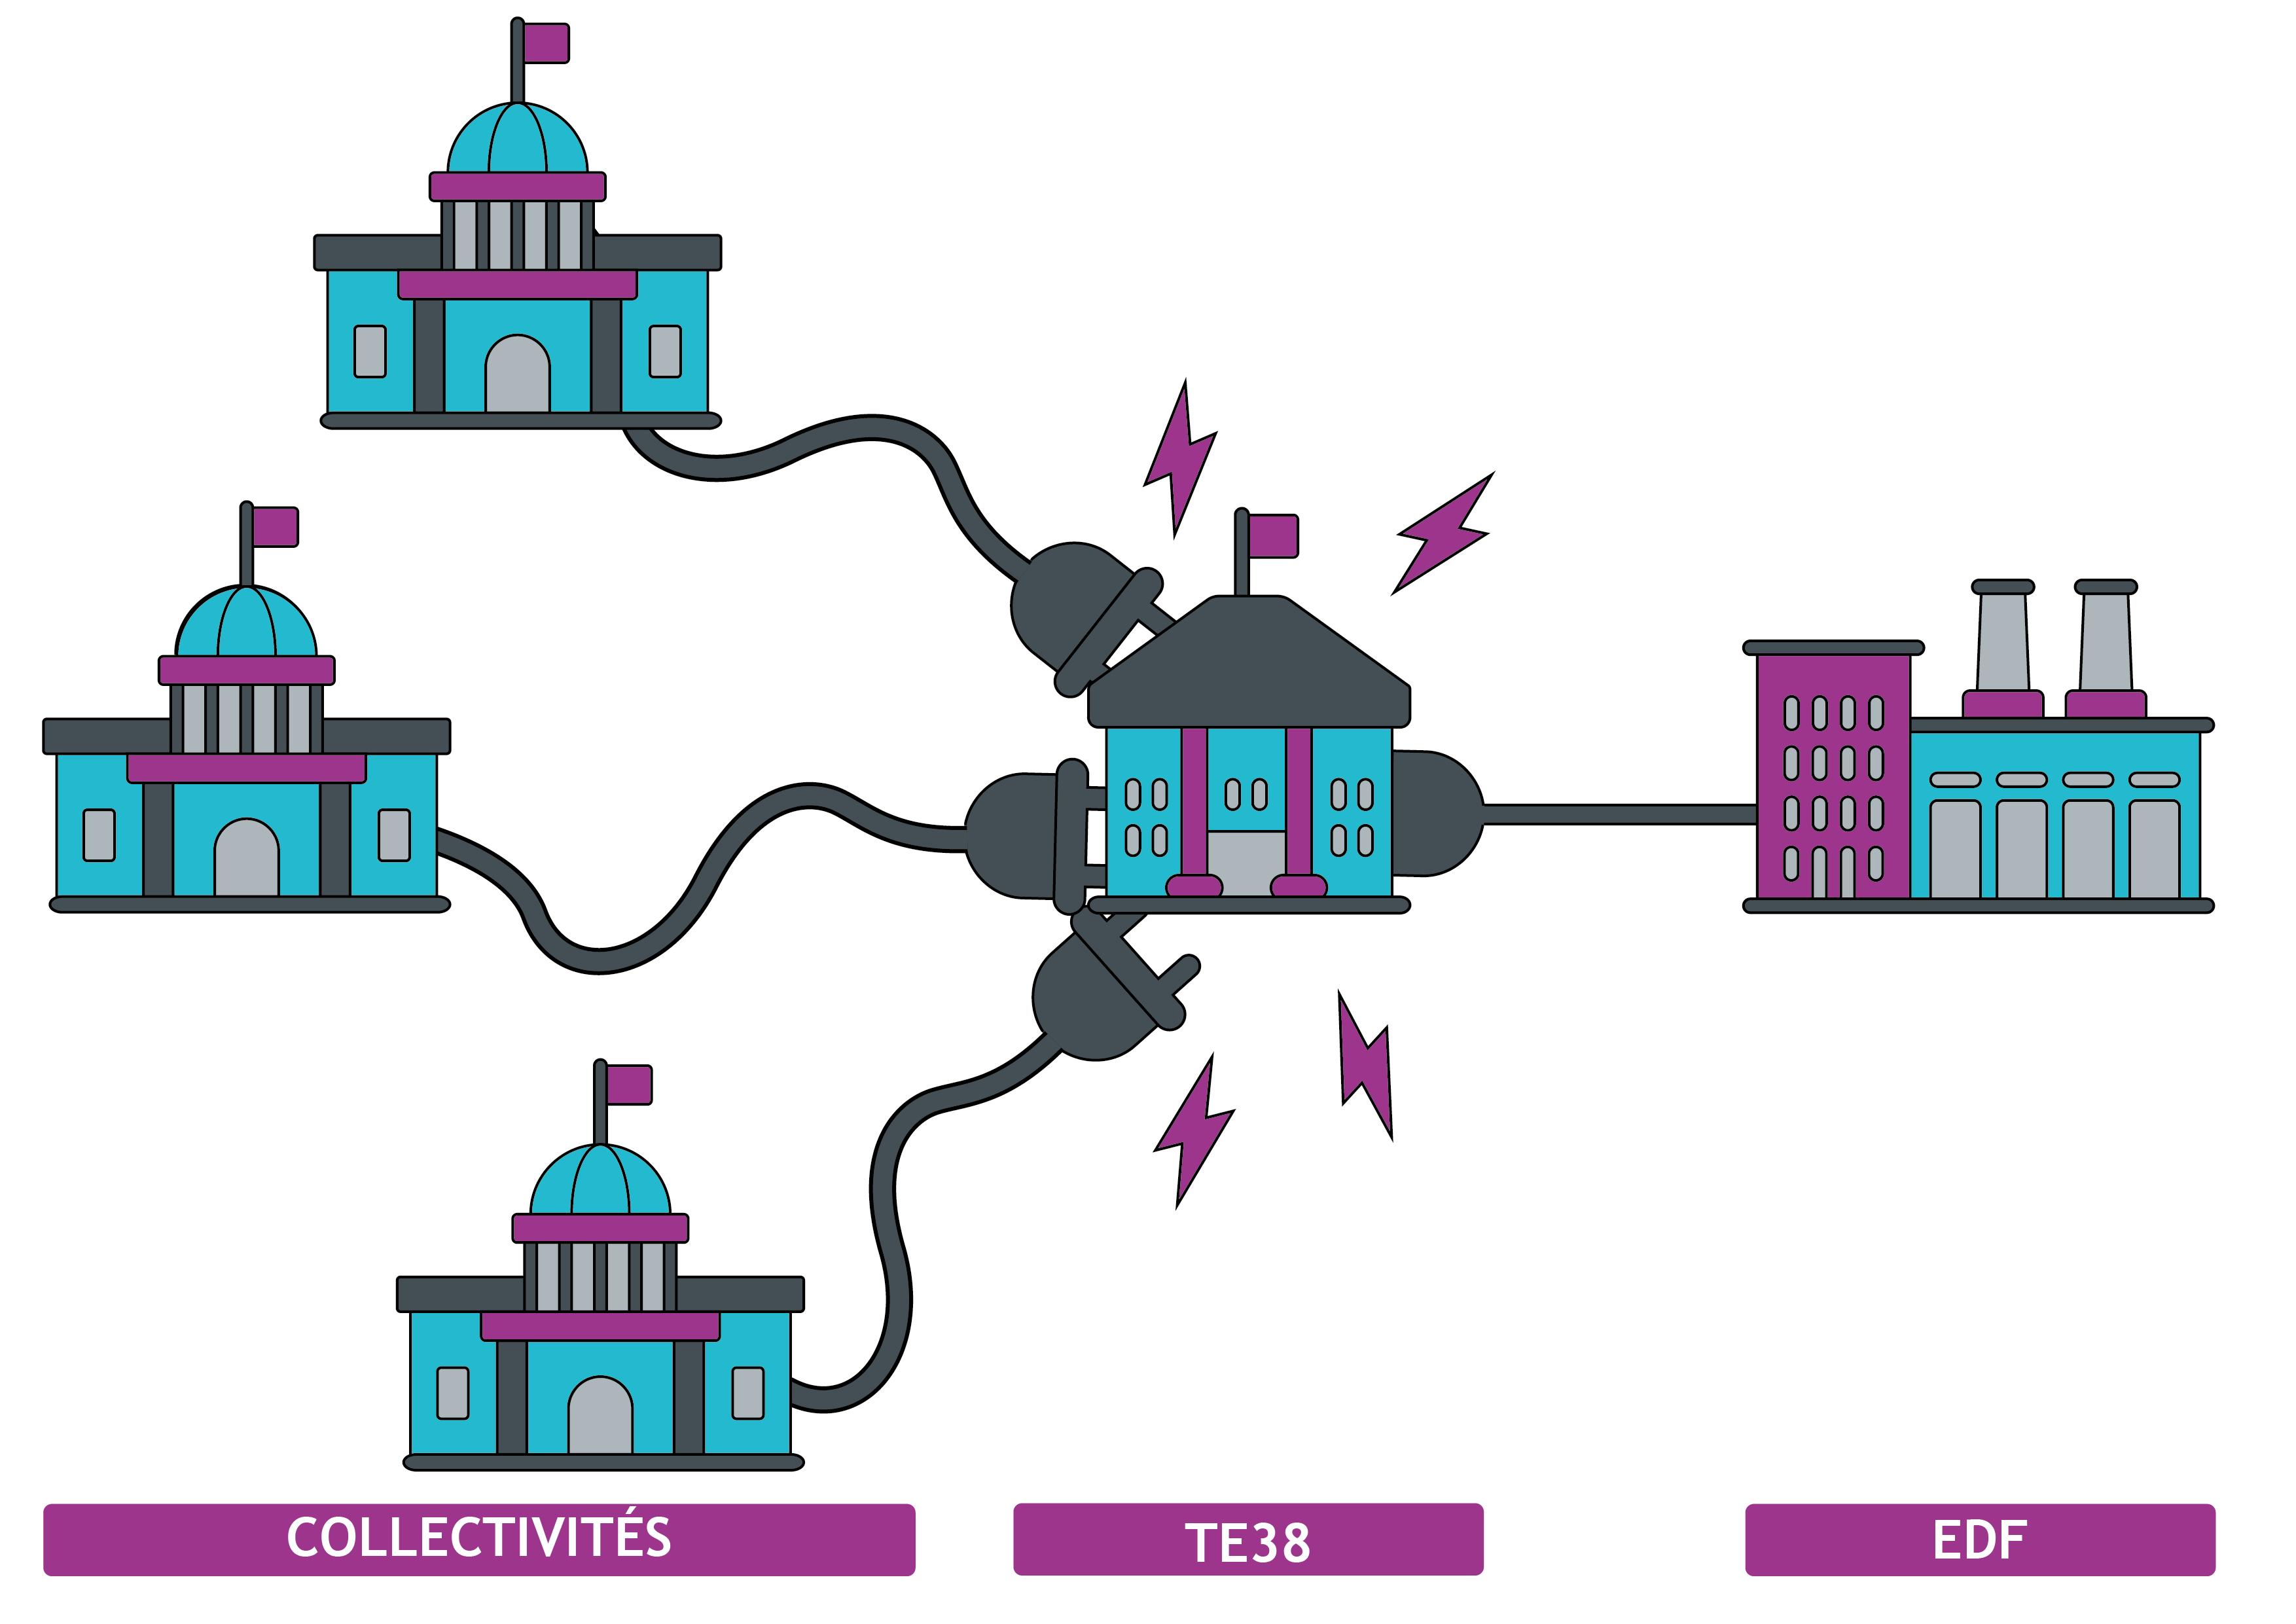 Fin des TRV d'électricité : la stratégie d'achat de TE38 a porté ses fruits!